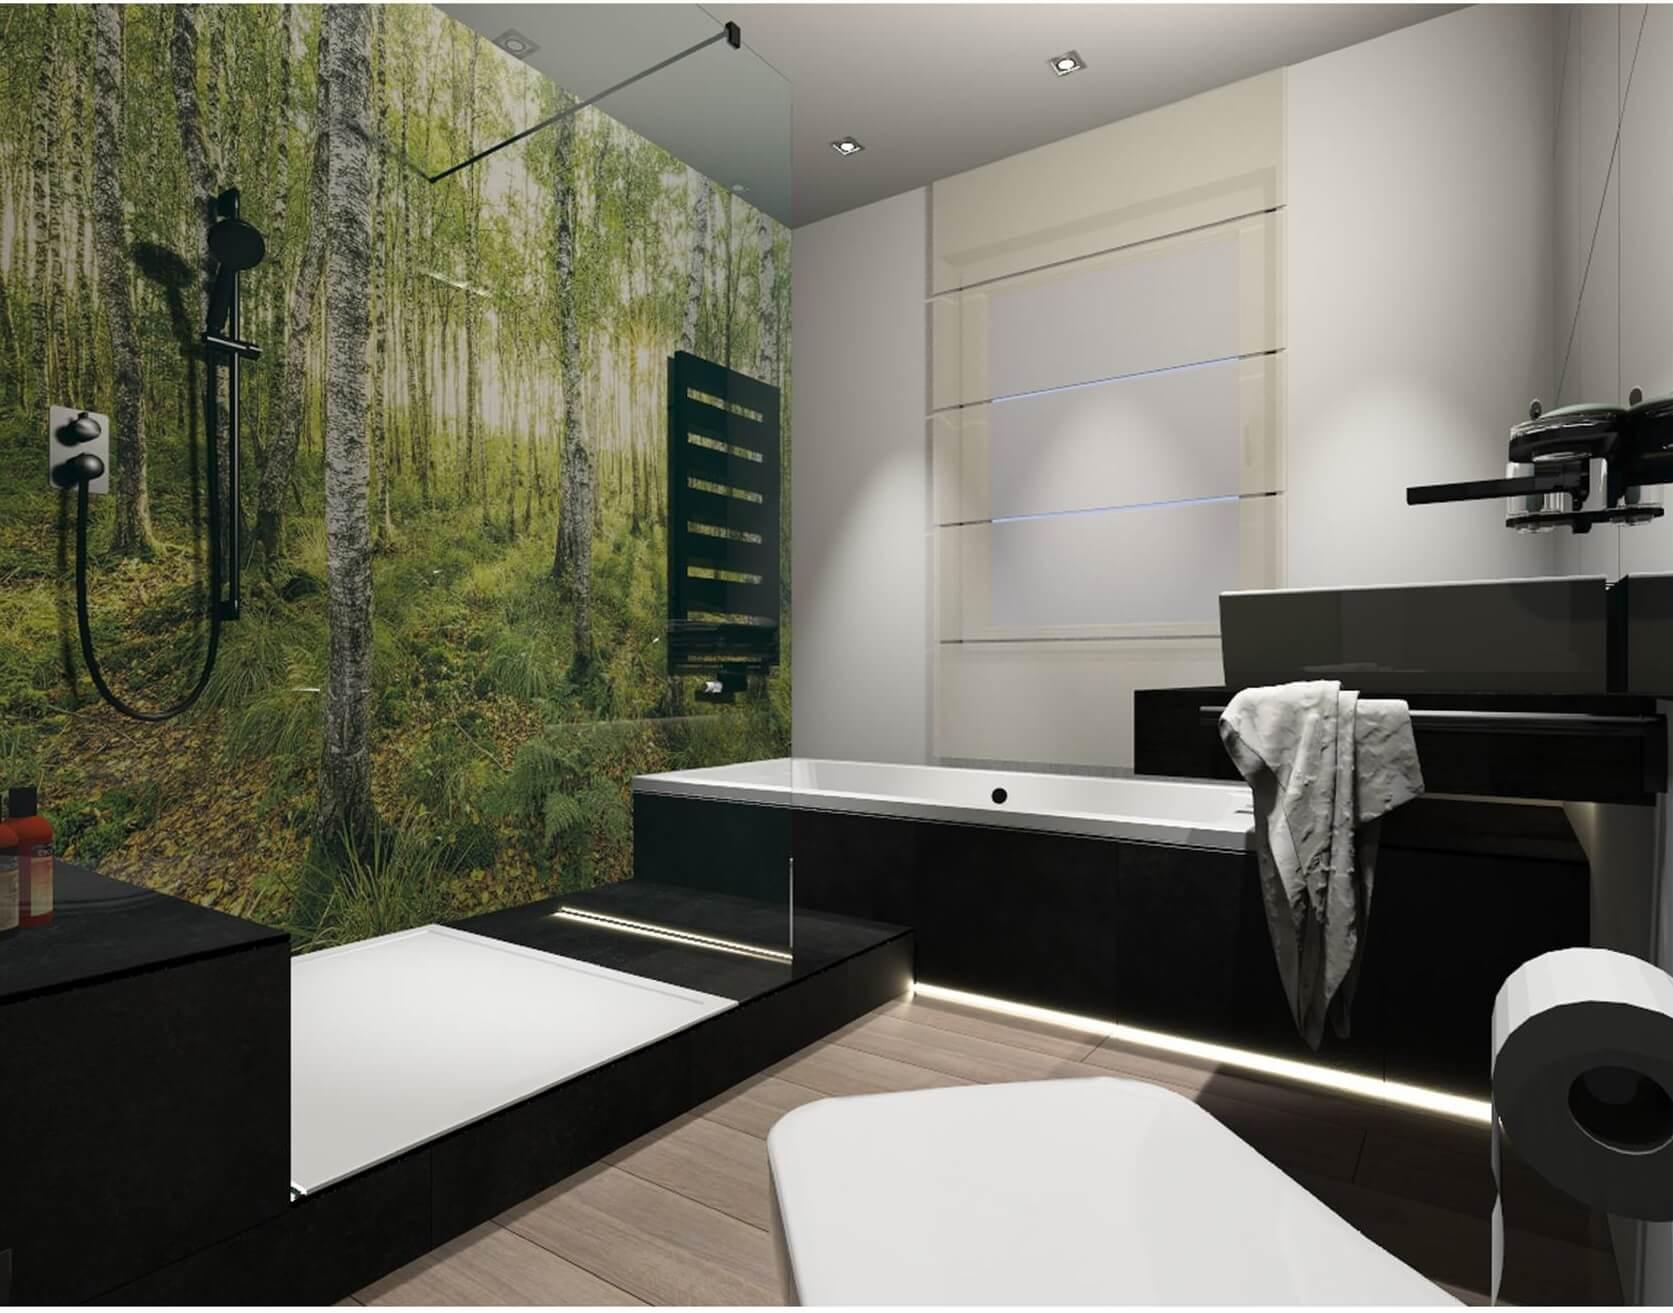 Badezimmer 7 Qm Kosten - Wohnkultur, Frisur und Hochzeitsideen ...